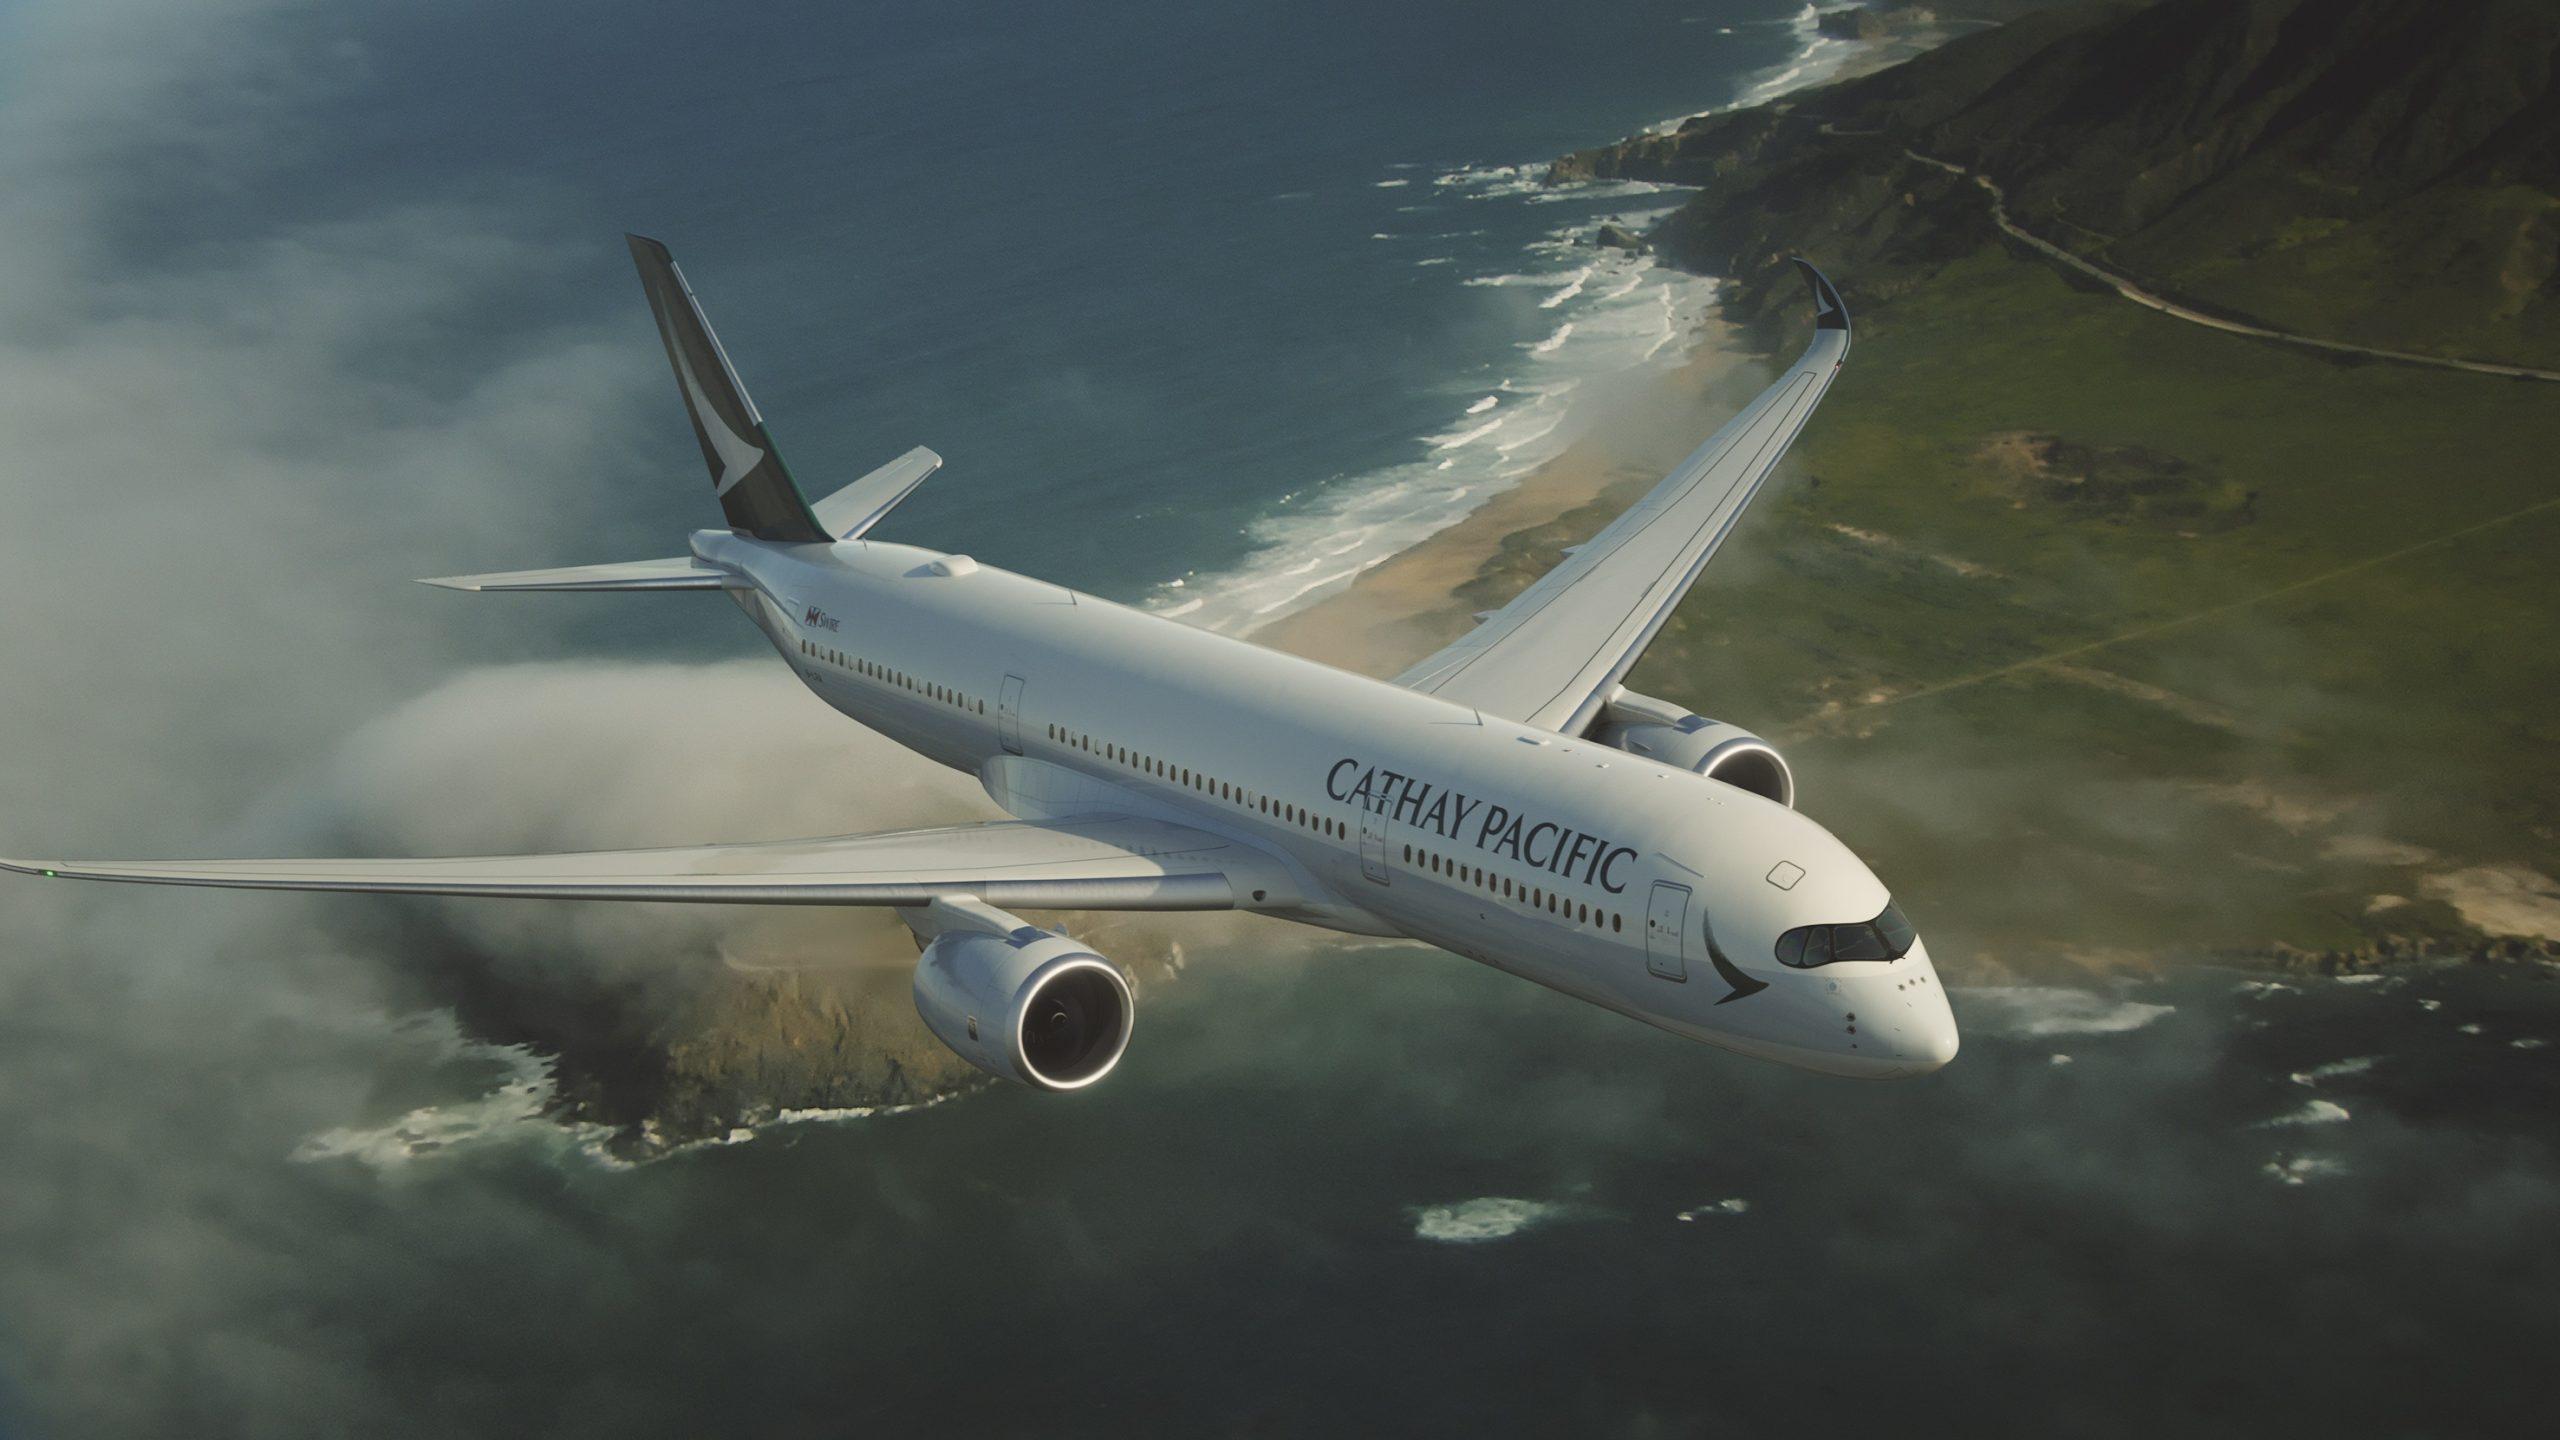 مجموعة كاثي باسيفيك للطيران تعتزم تقليل استخدام المواد البلاستيكية المخصصة للاستخدام لمرة واحدة في رحلاتها إلى النصف بحلول عام 2022